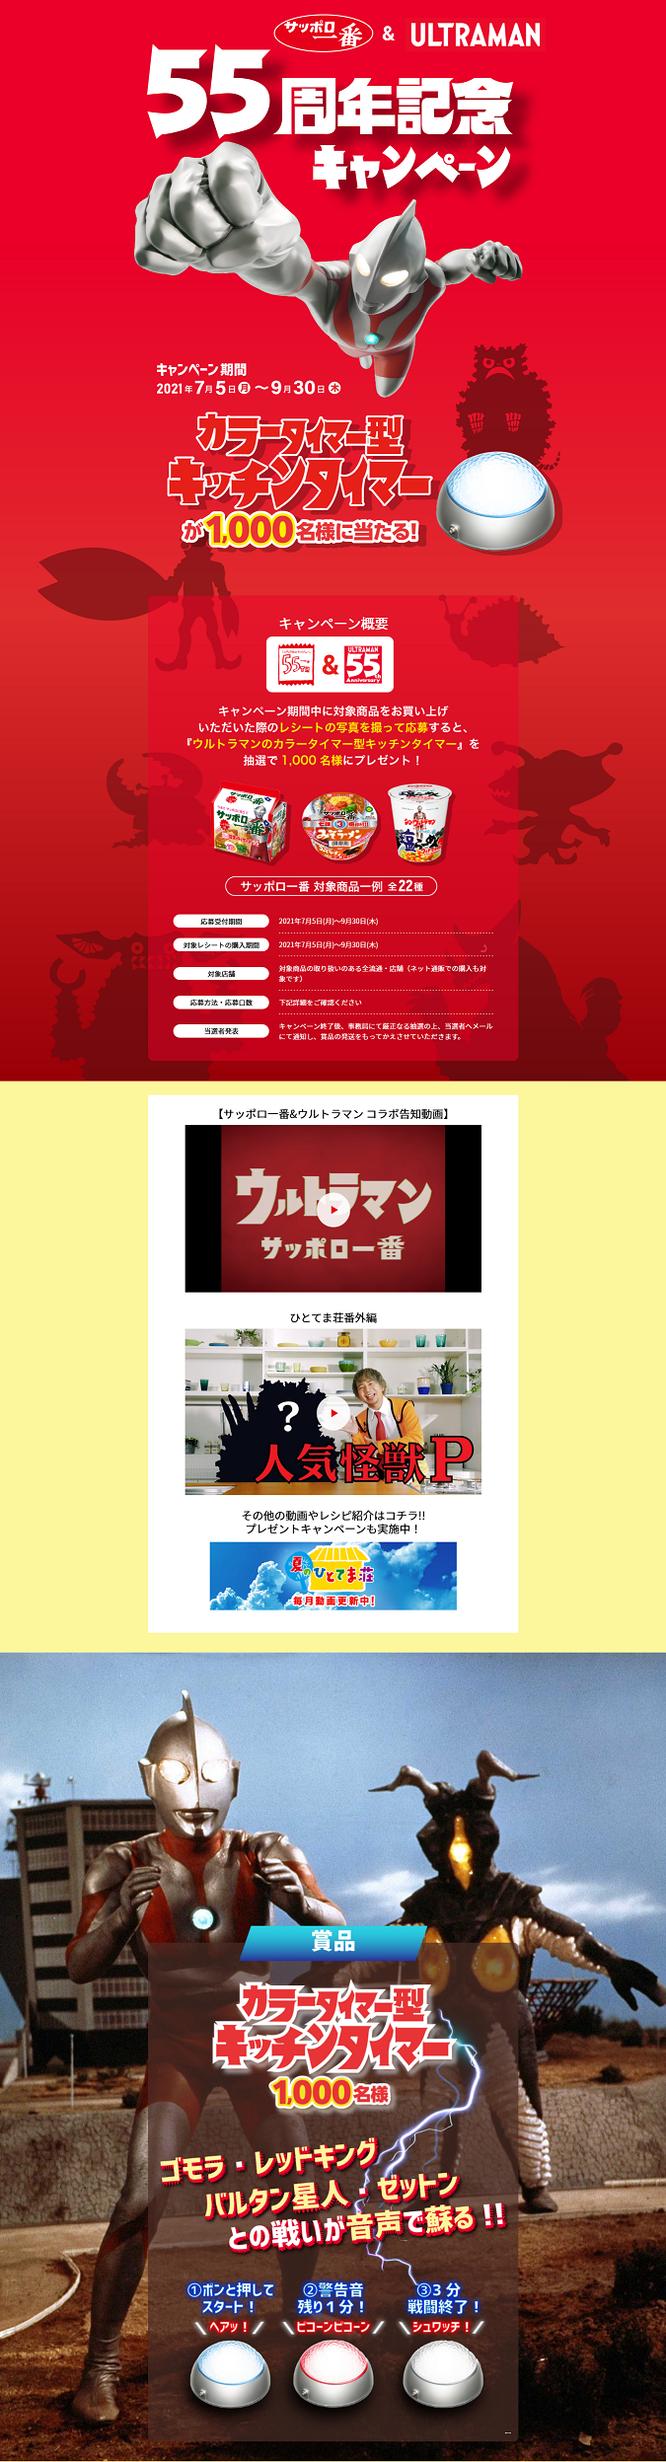 【サンヨー】サッポロ一番 ウルトラマン55周年記念キャンペーン